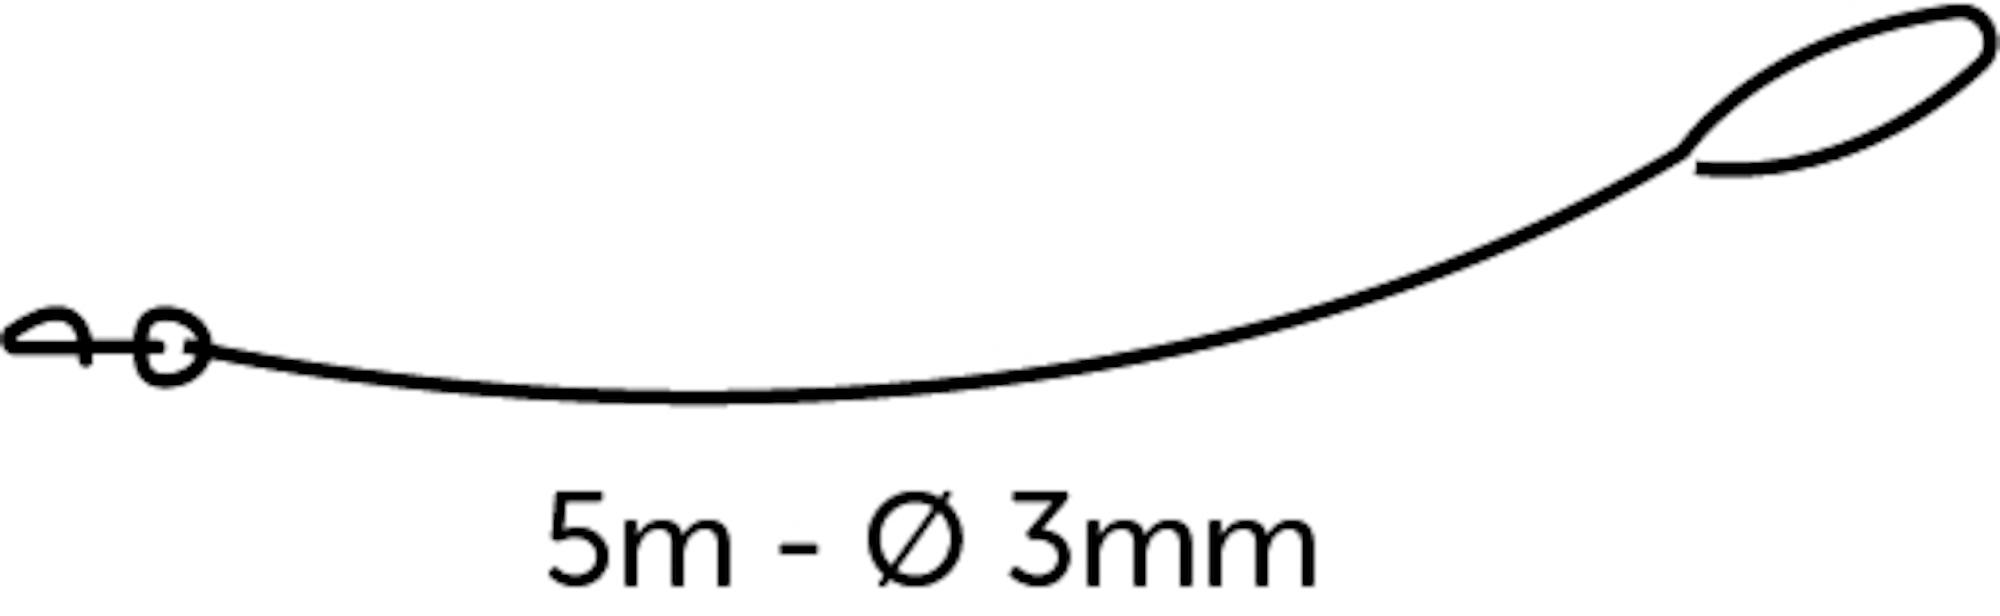 Kattkoppel 5 m